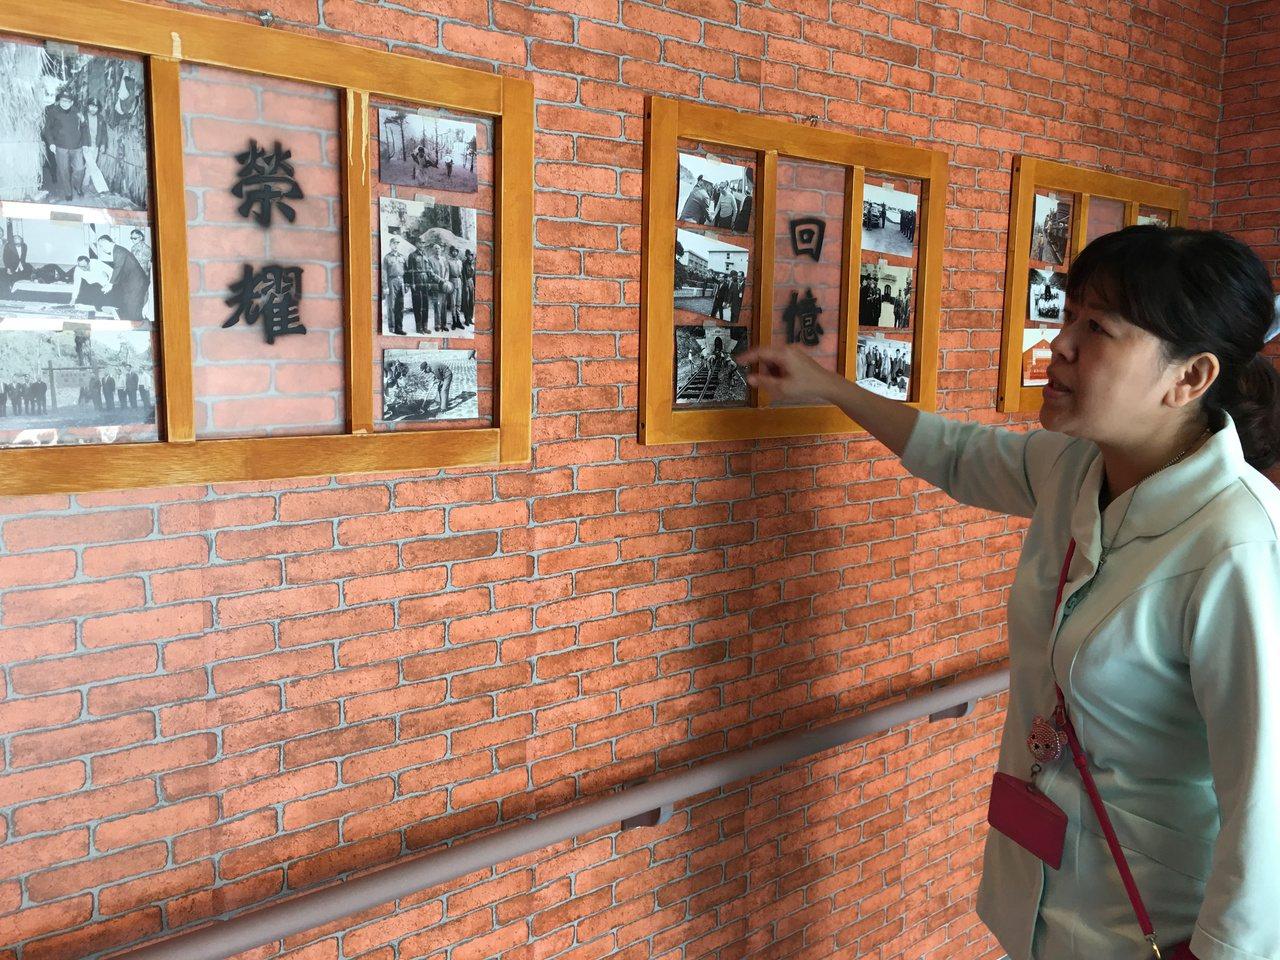 板橋榮家失智祥和堂的懷舊廊道上,掛滿兩蔣照片。 記者鄧桂芬/攝影